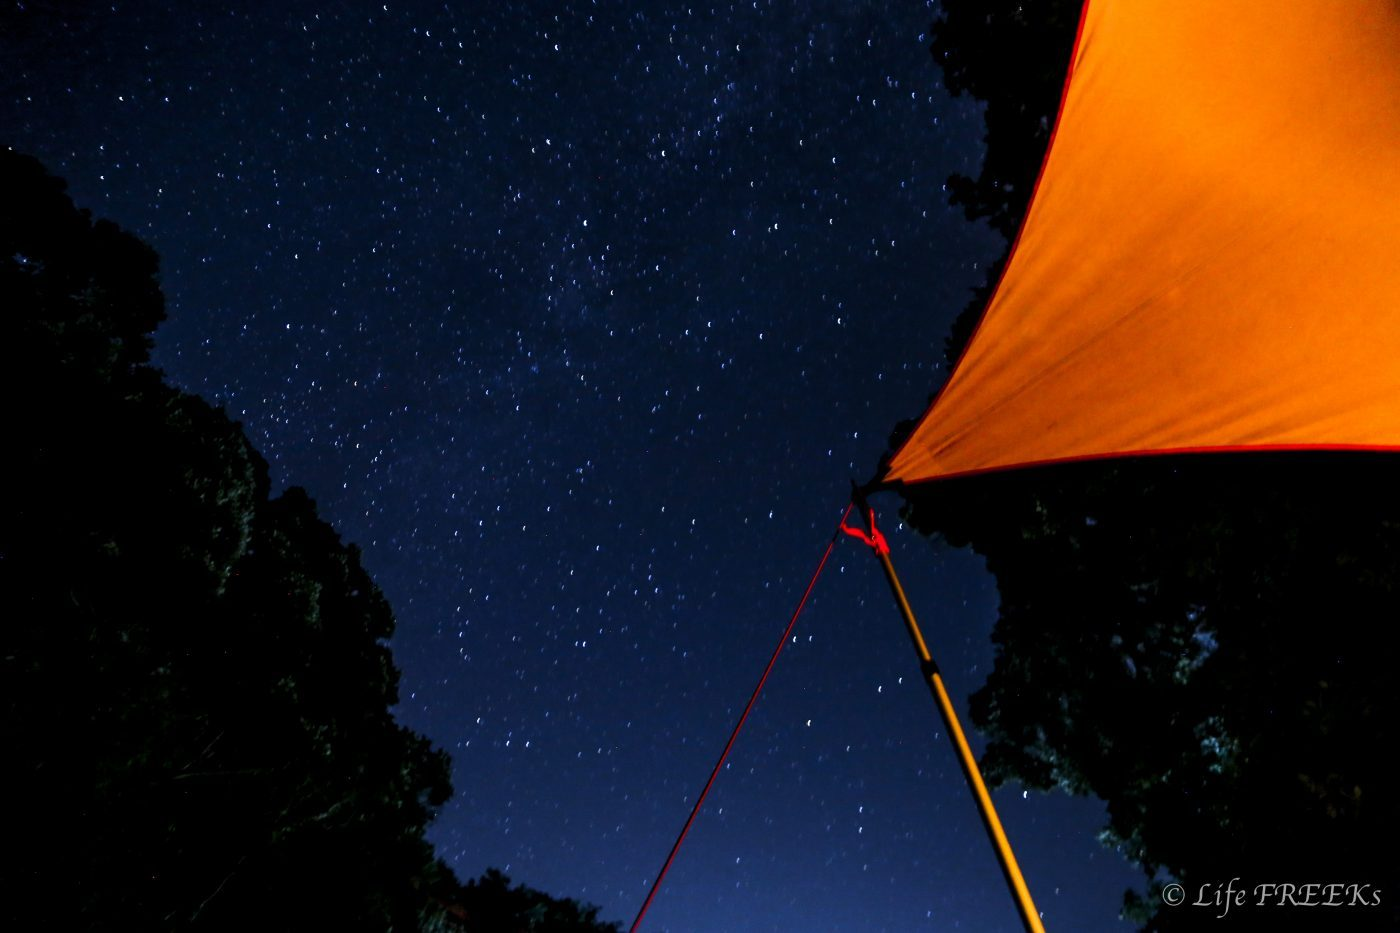 星空が本当にきれいに見えるのがキャンプの素敵なところ。